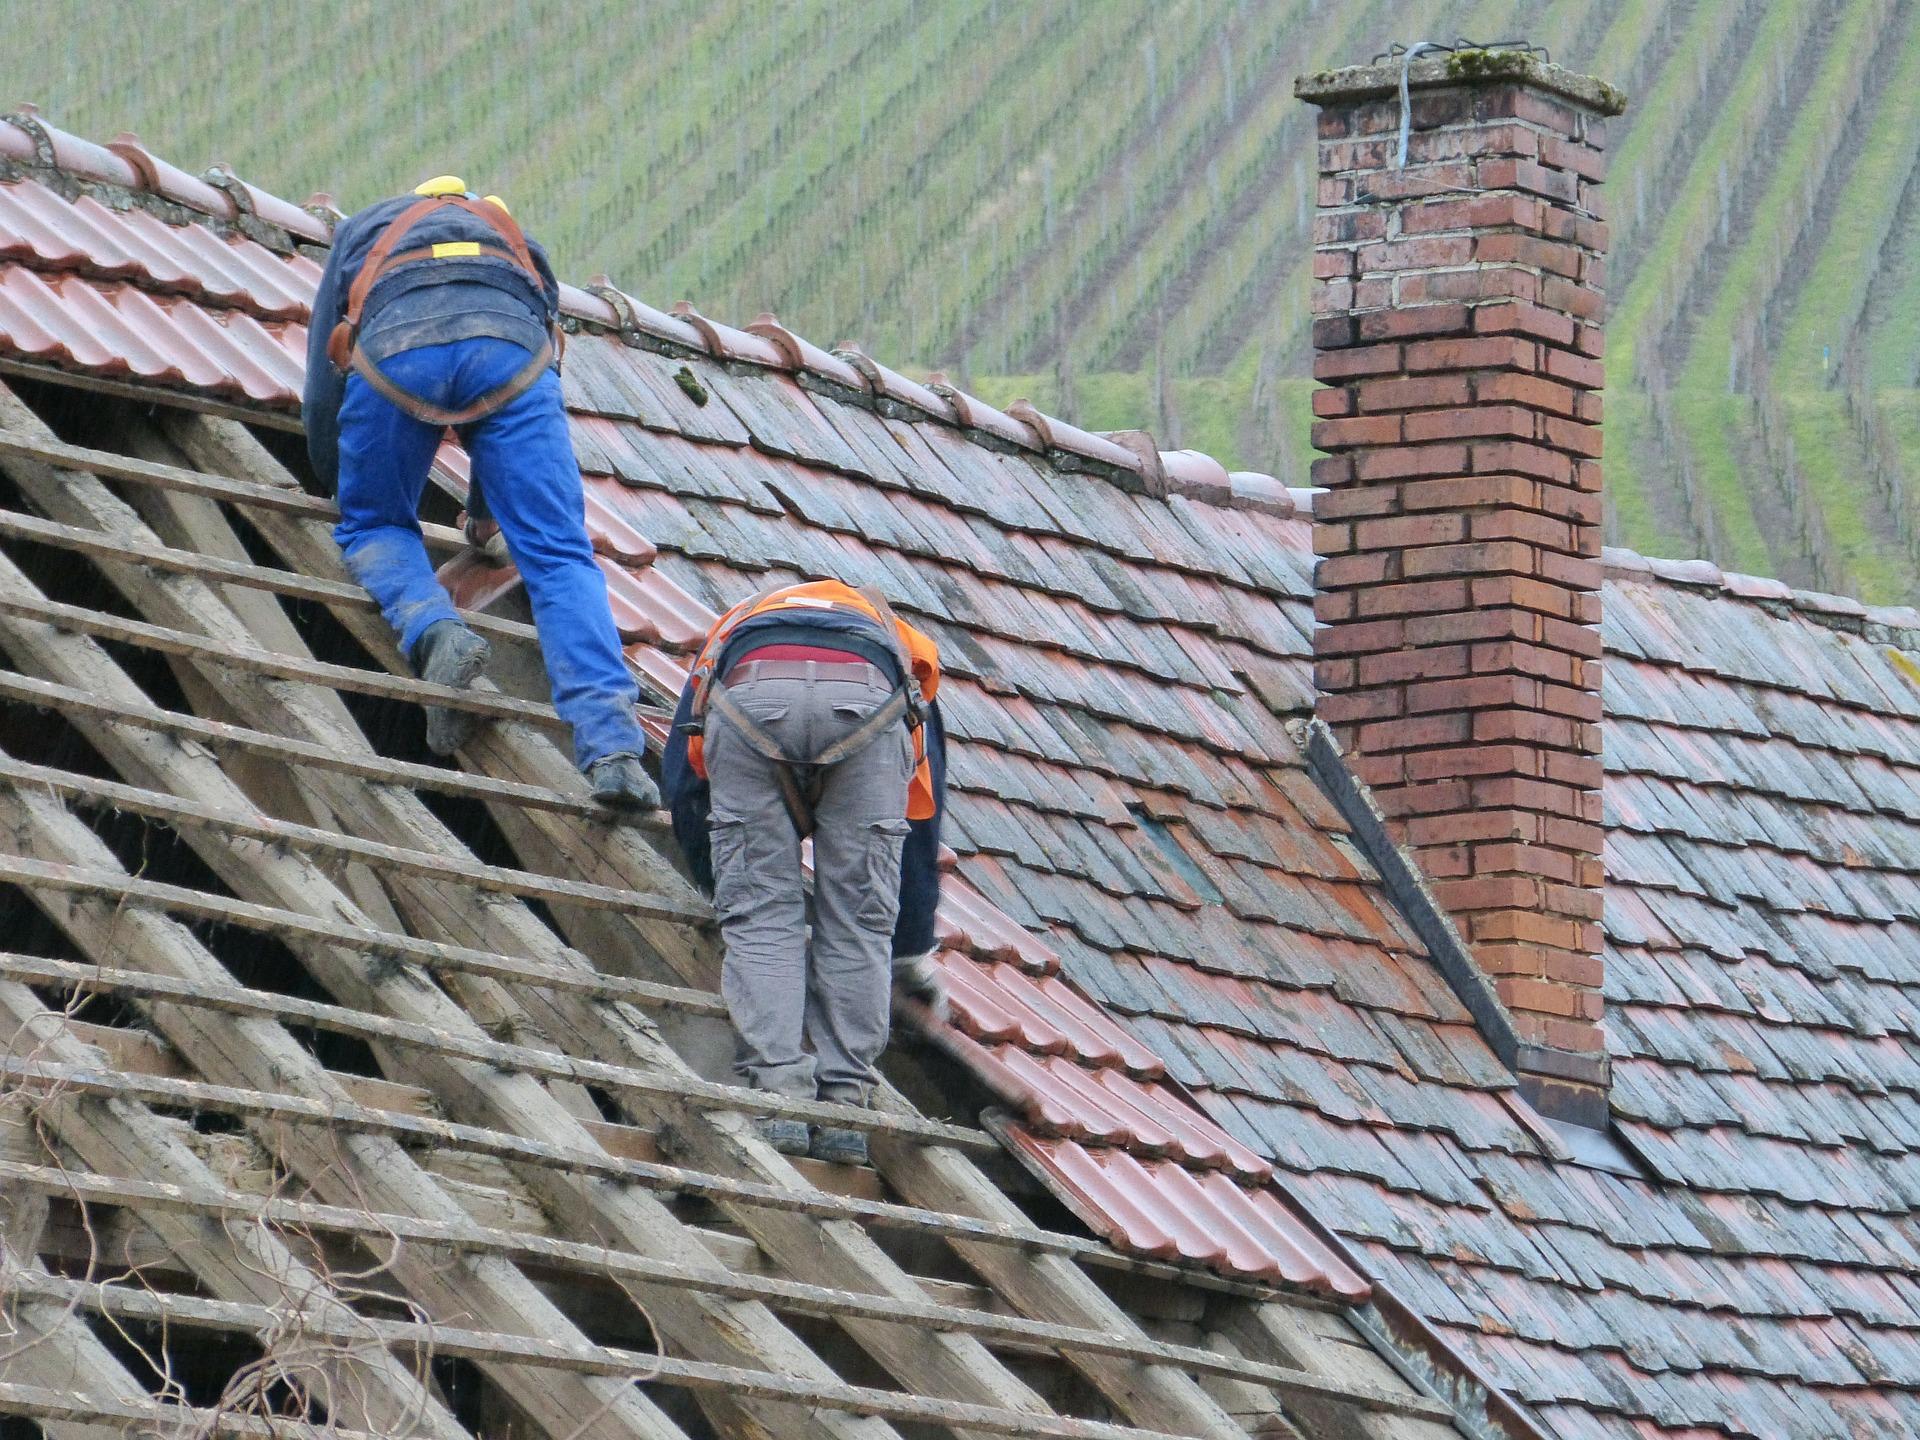 Réfection de toiture : quelle autorisation ? - A TRAVERS TOIT